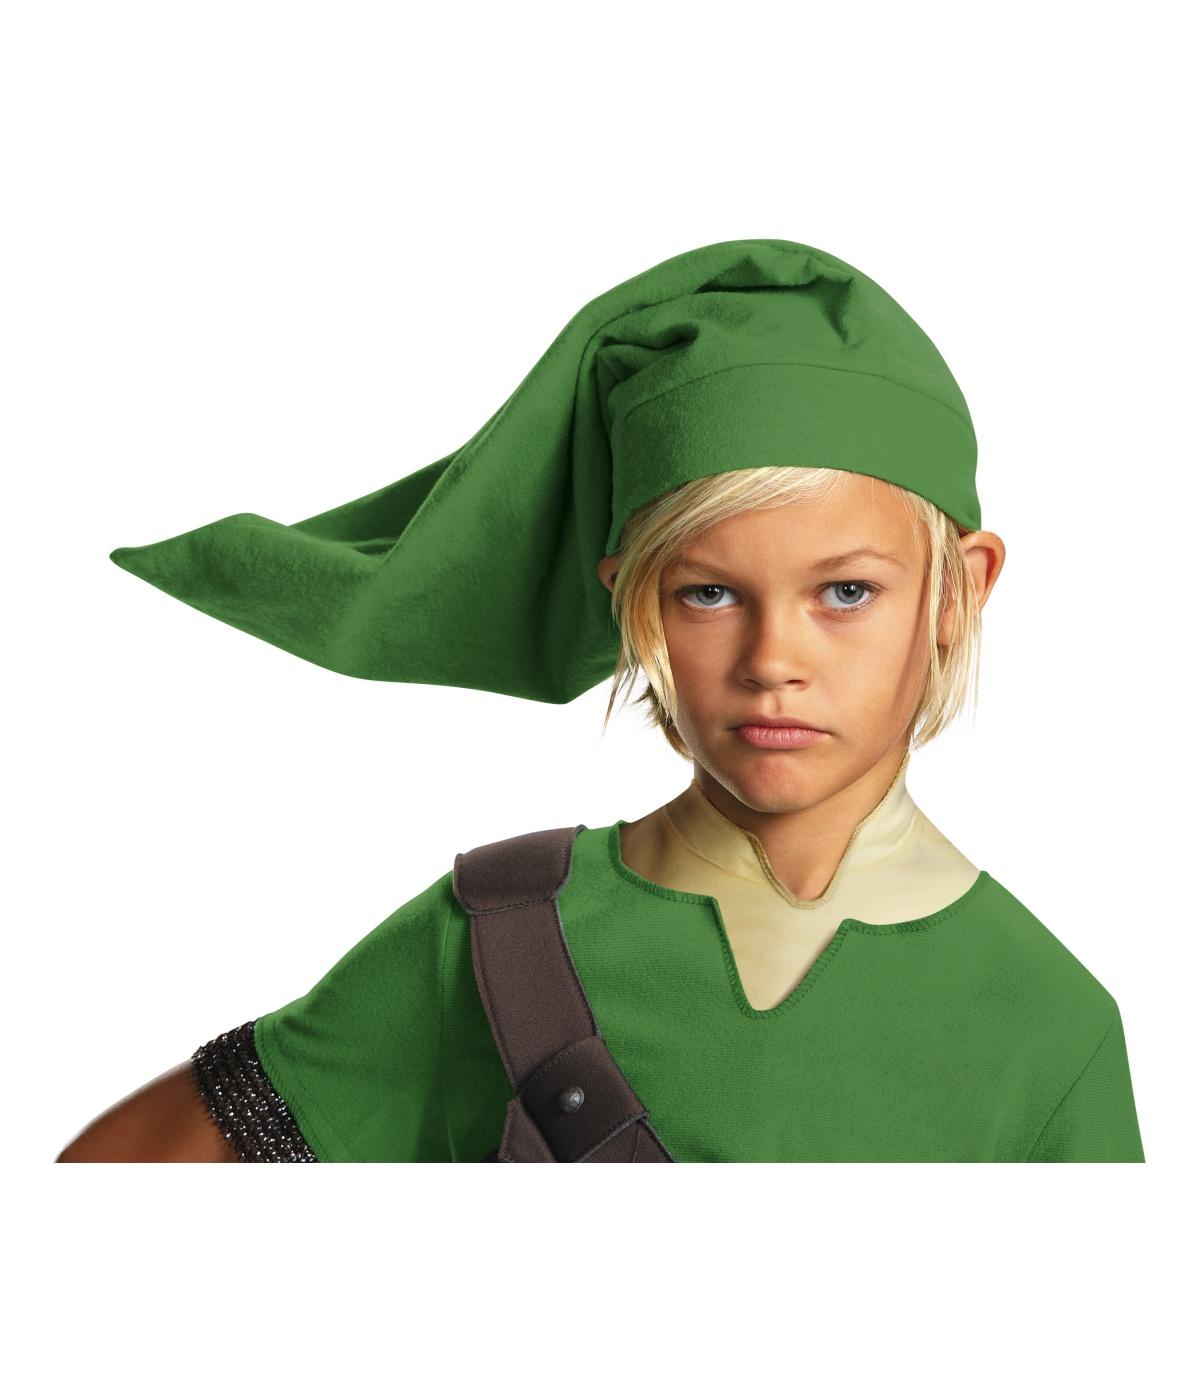 Link Boys Legend Of Zelda Elf Hat  sc 1 st  Wonder Costumes & Link Boys Legend of Zelda Elf Hat - Video Game Costumes